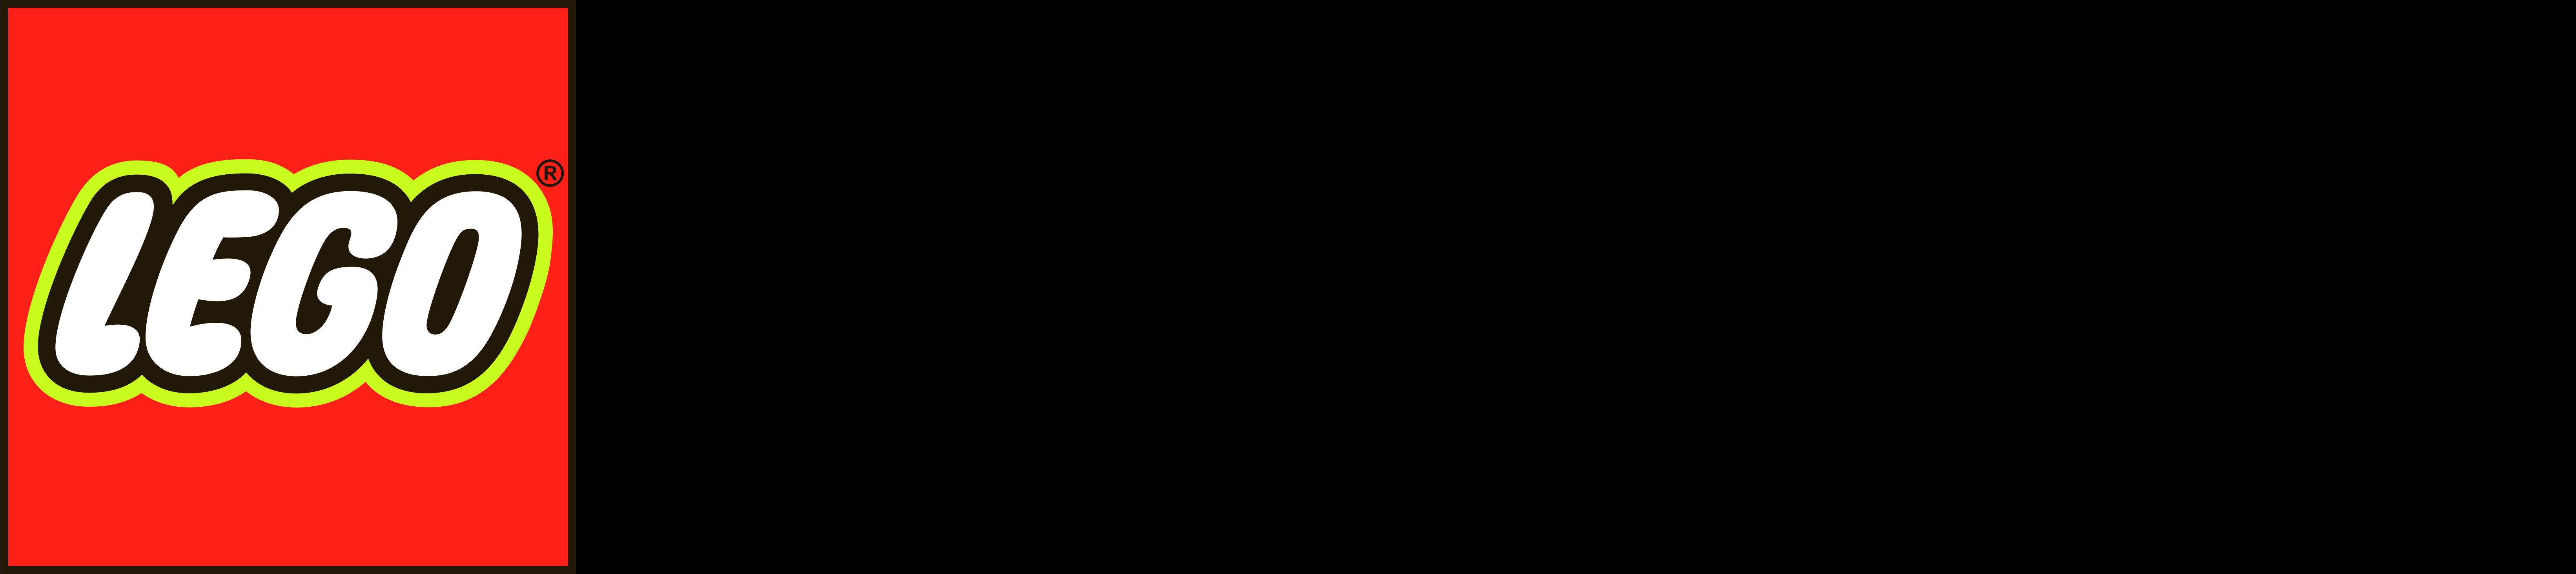 Forum lego ninjago wiki logo tworzenie logo wiki - Lego ninjago logo ...